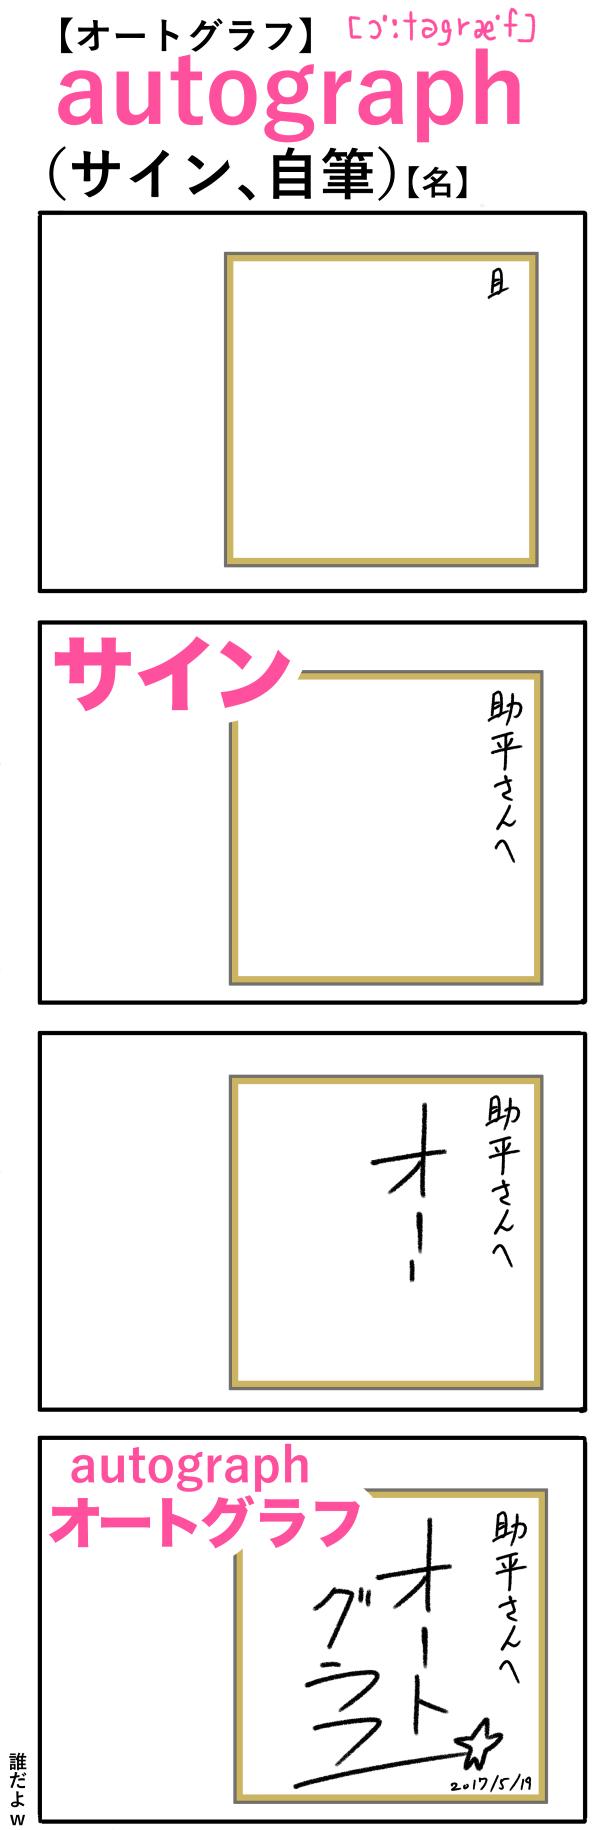 autograph(サイン、自筆)の語呂合わせ英単語